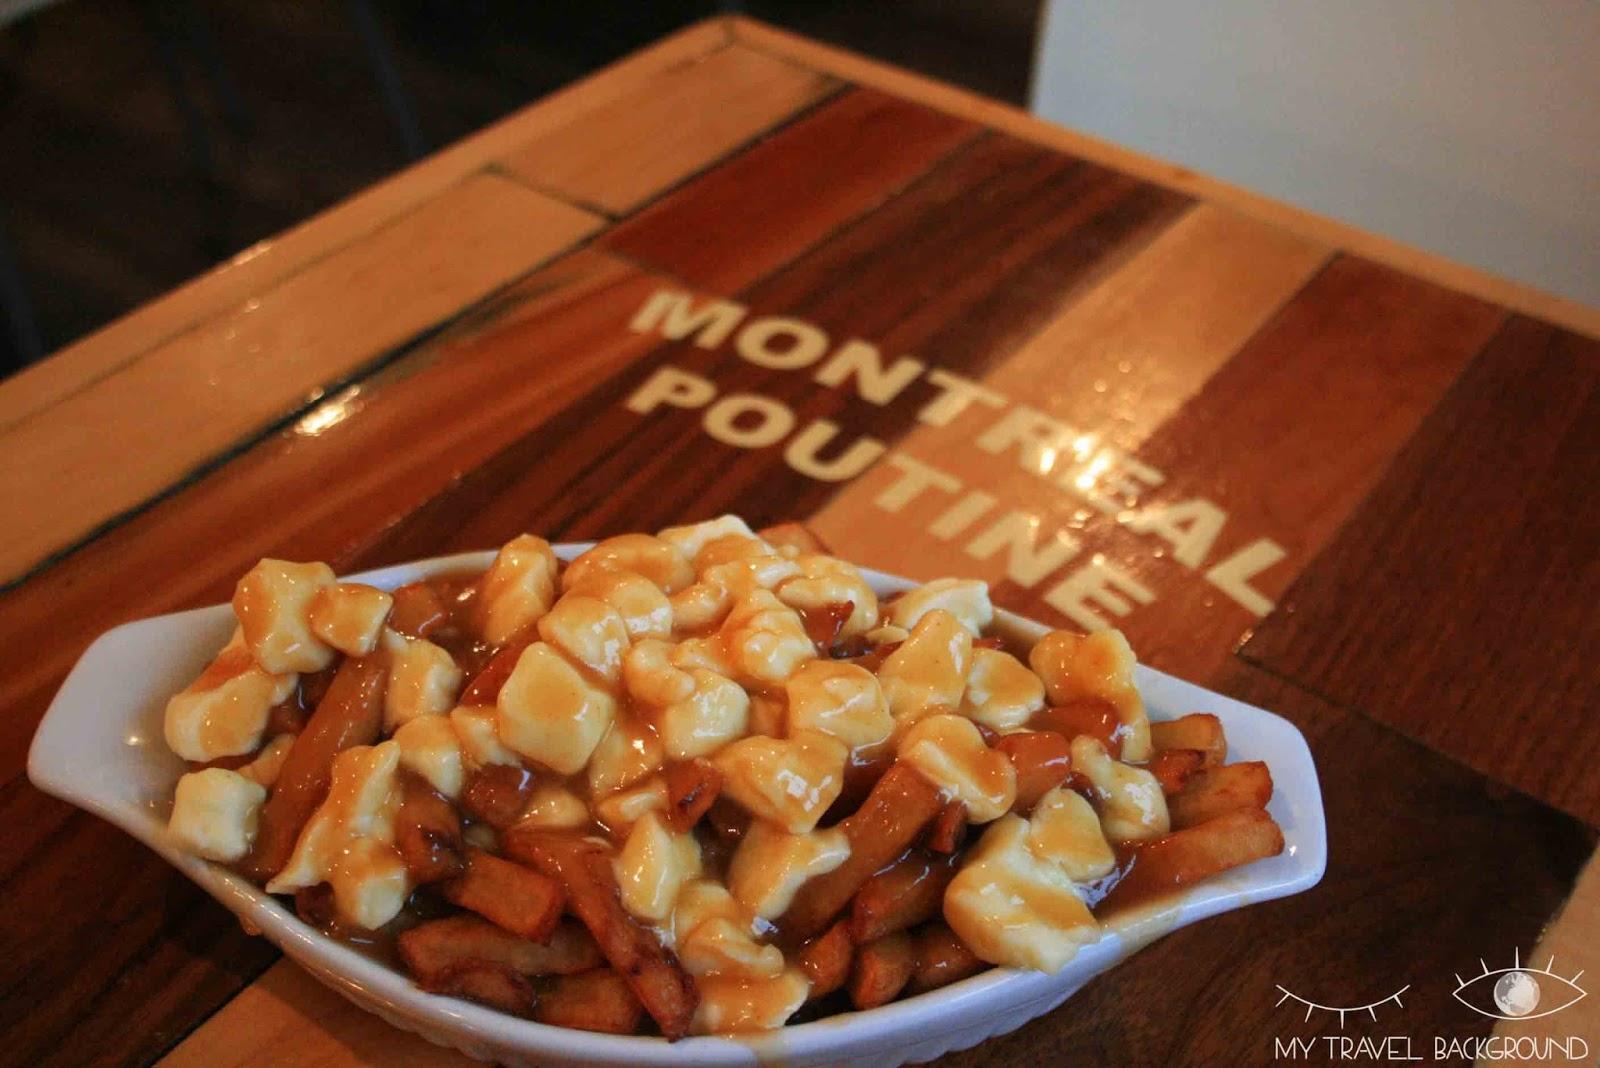 My Travel Background : 14 plats typiques dégustés en voyage - Poutine au Canada, Montréal